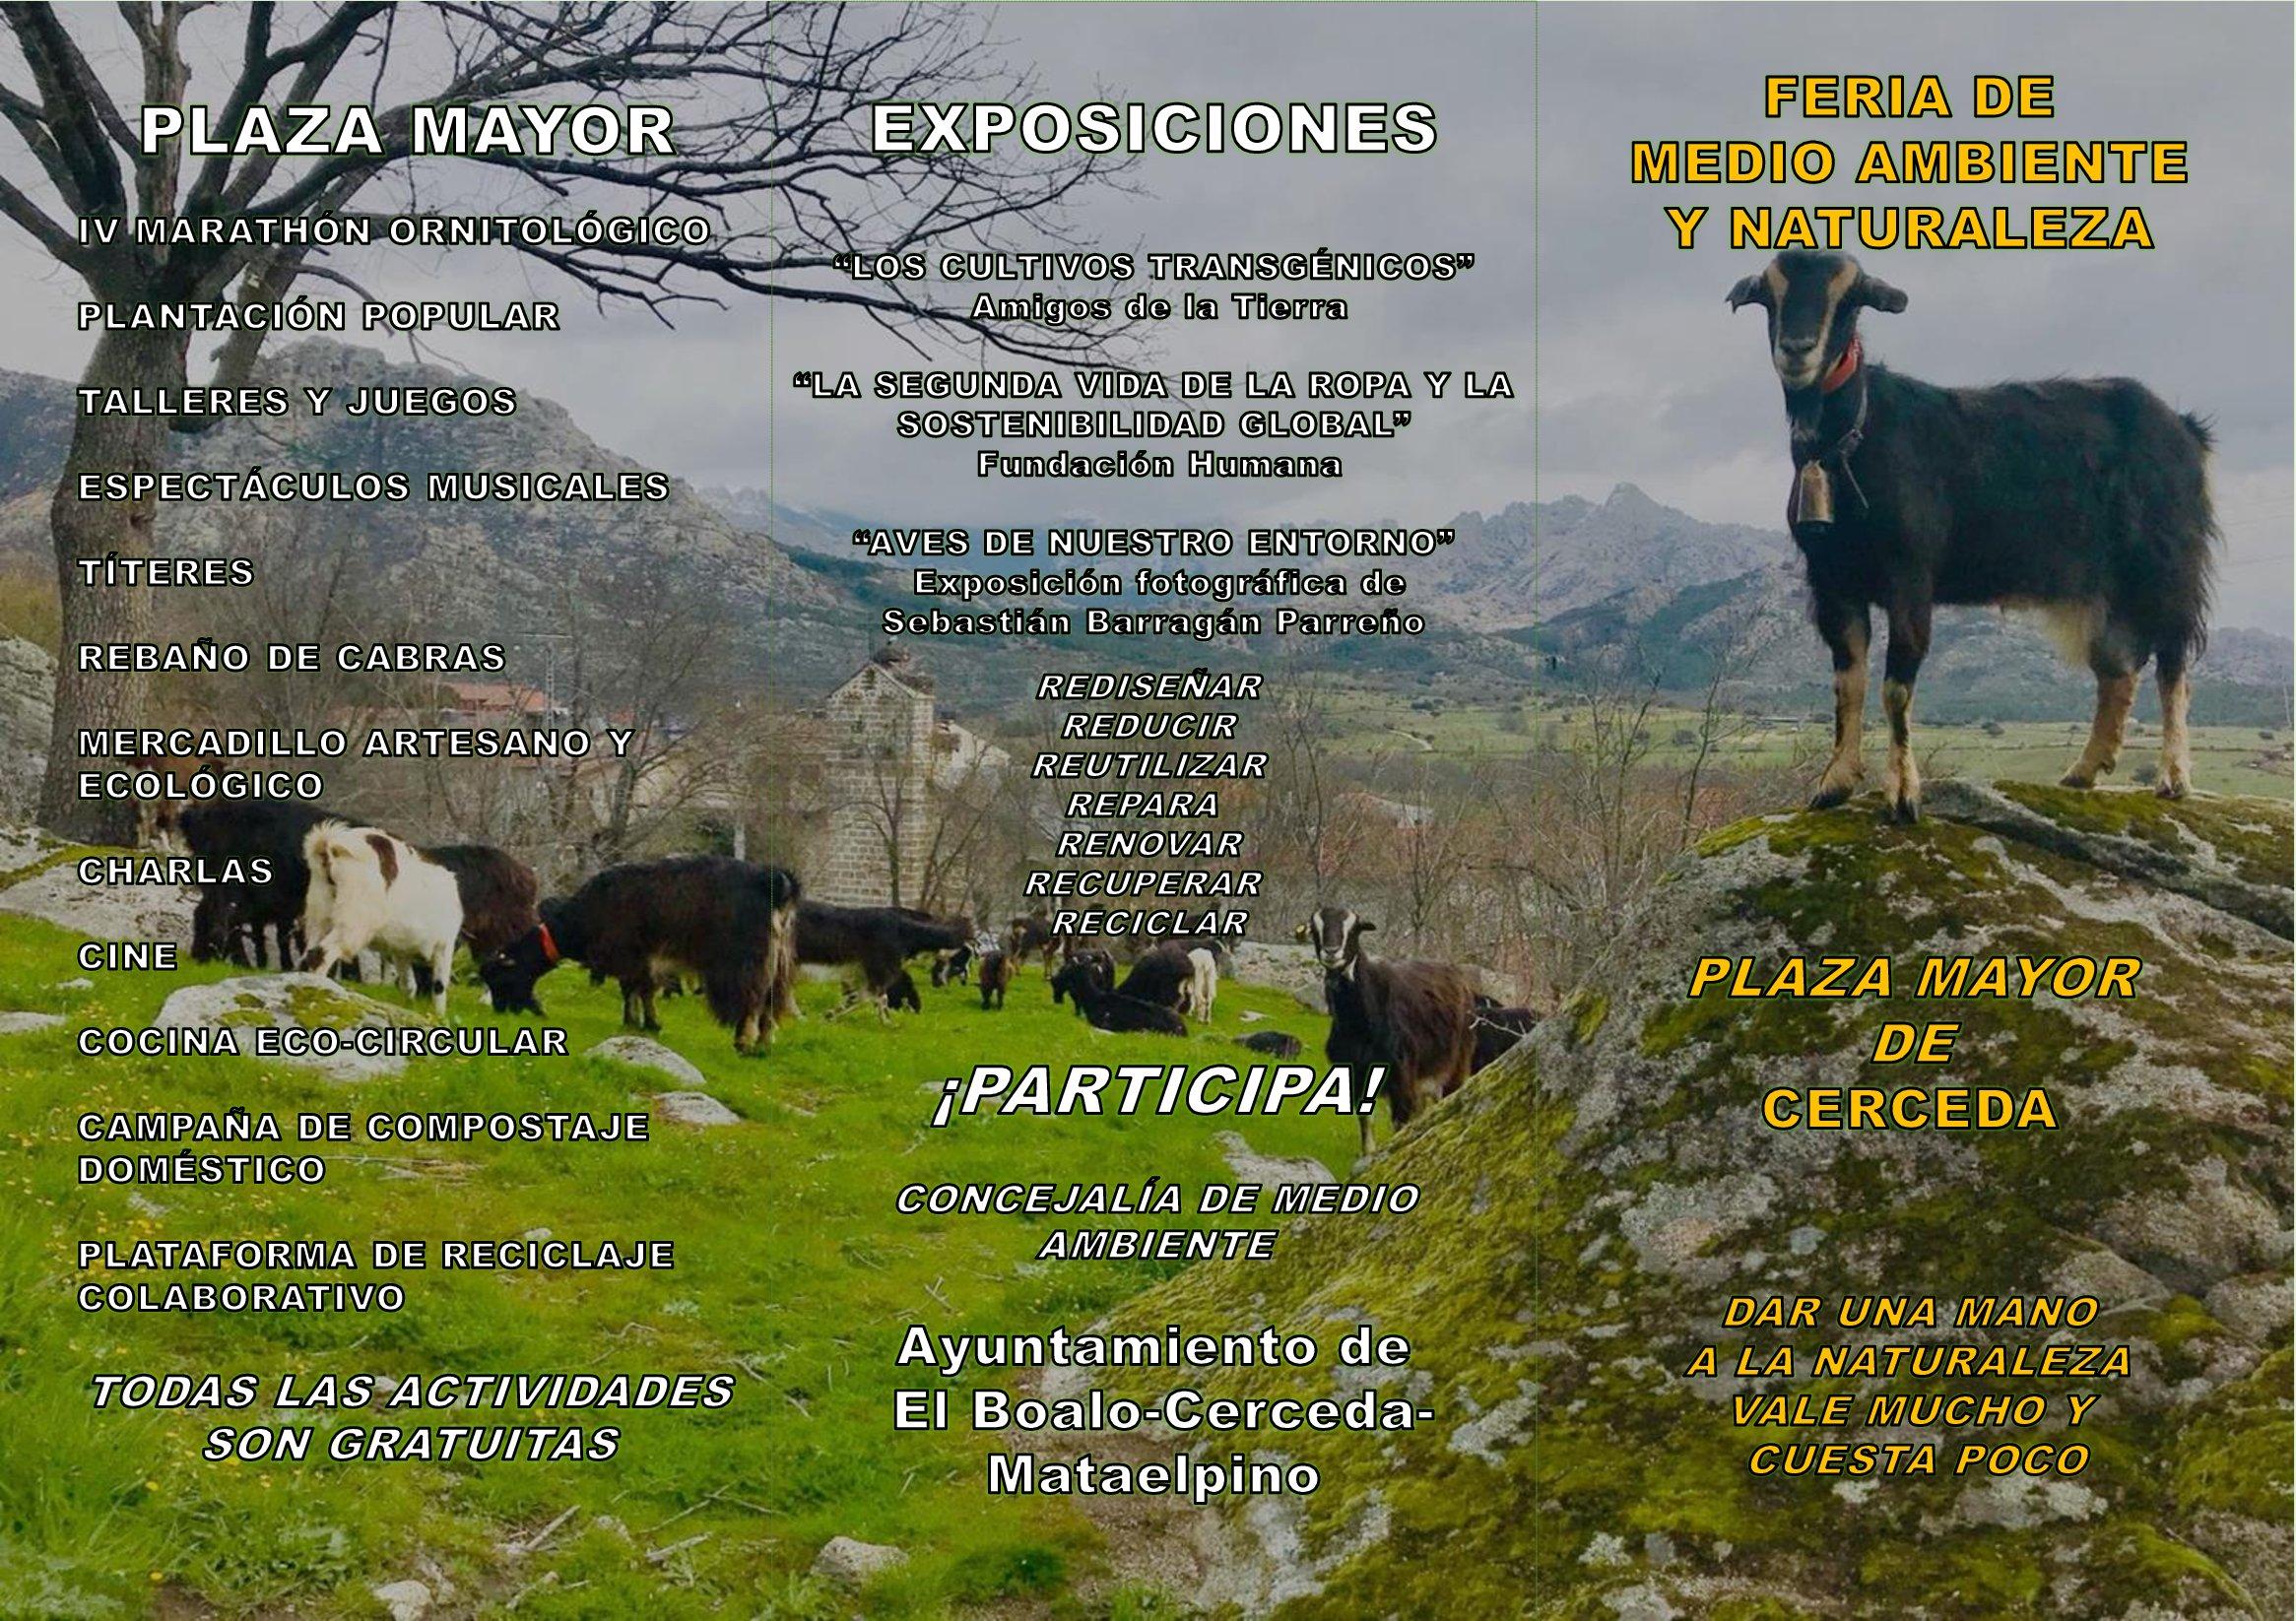 Ir a Madrid: Feria de Medio Ambiente (Cerceda)